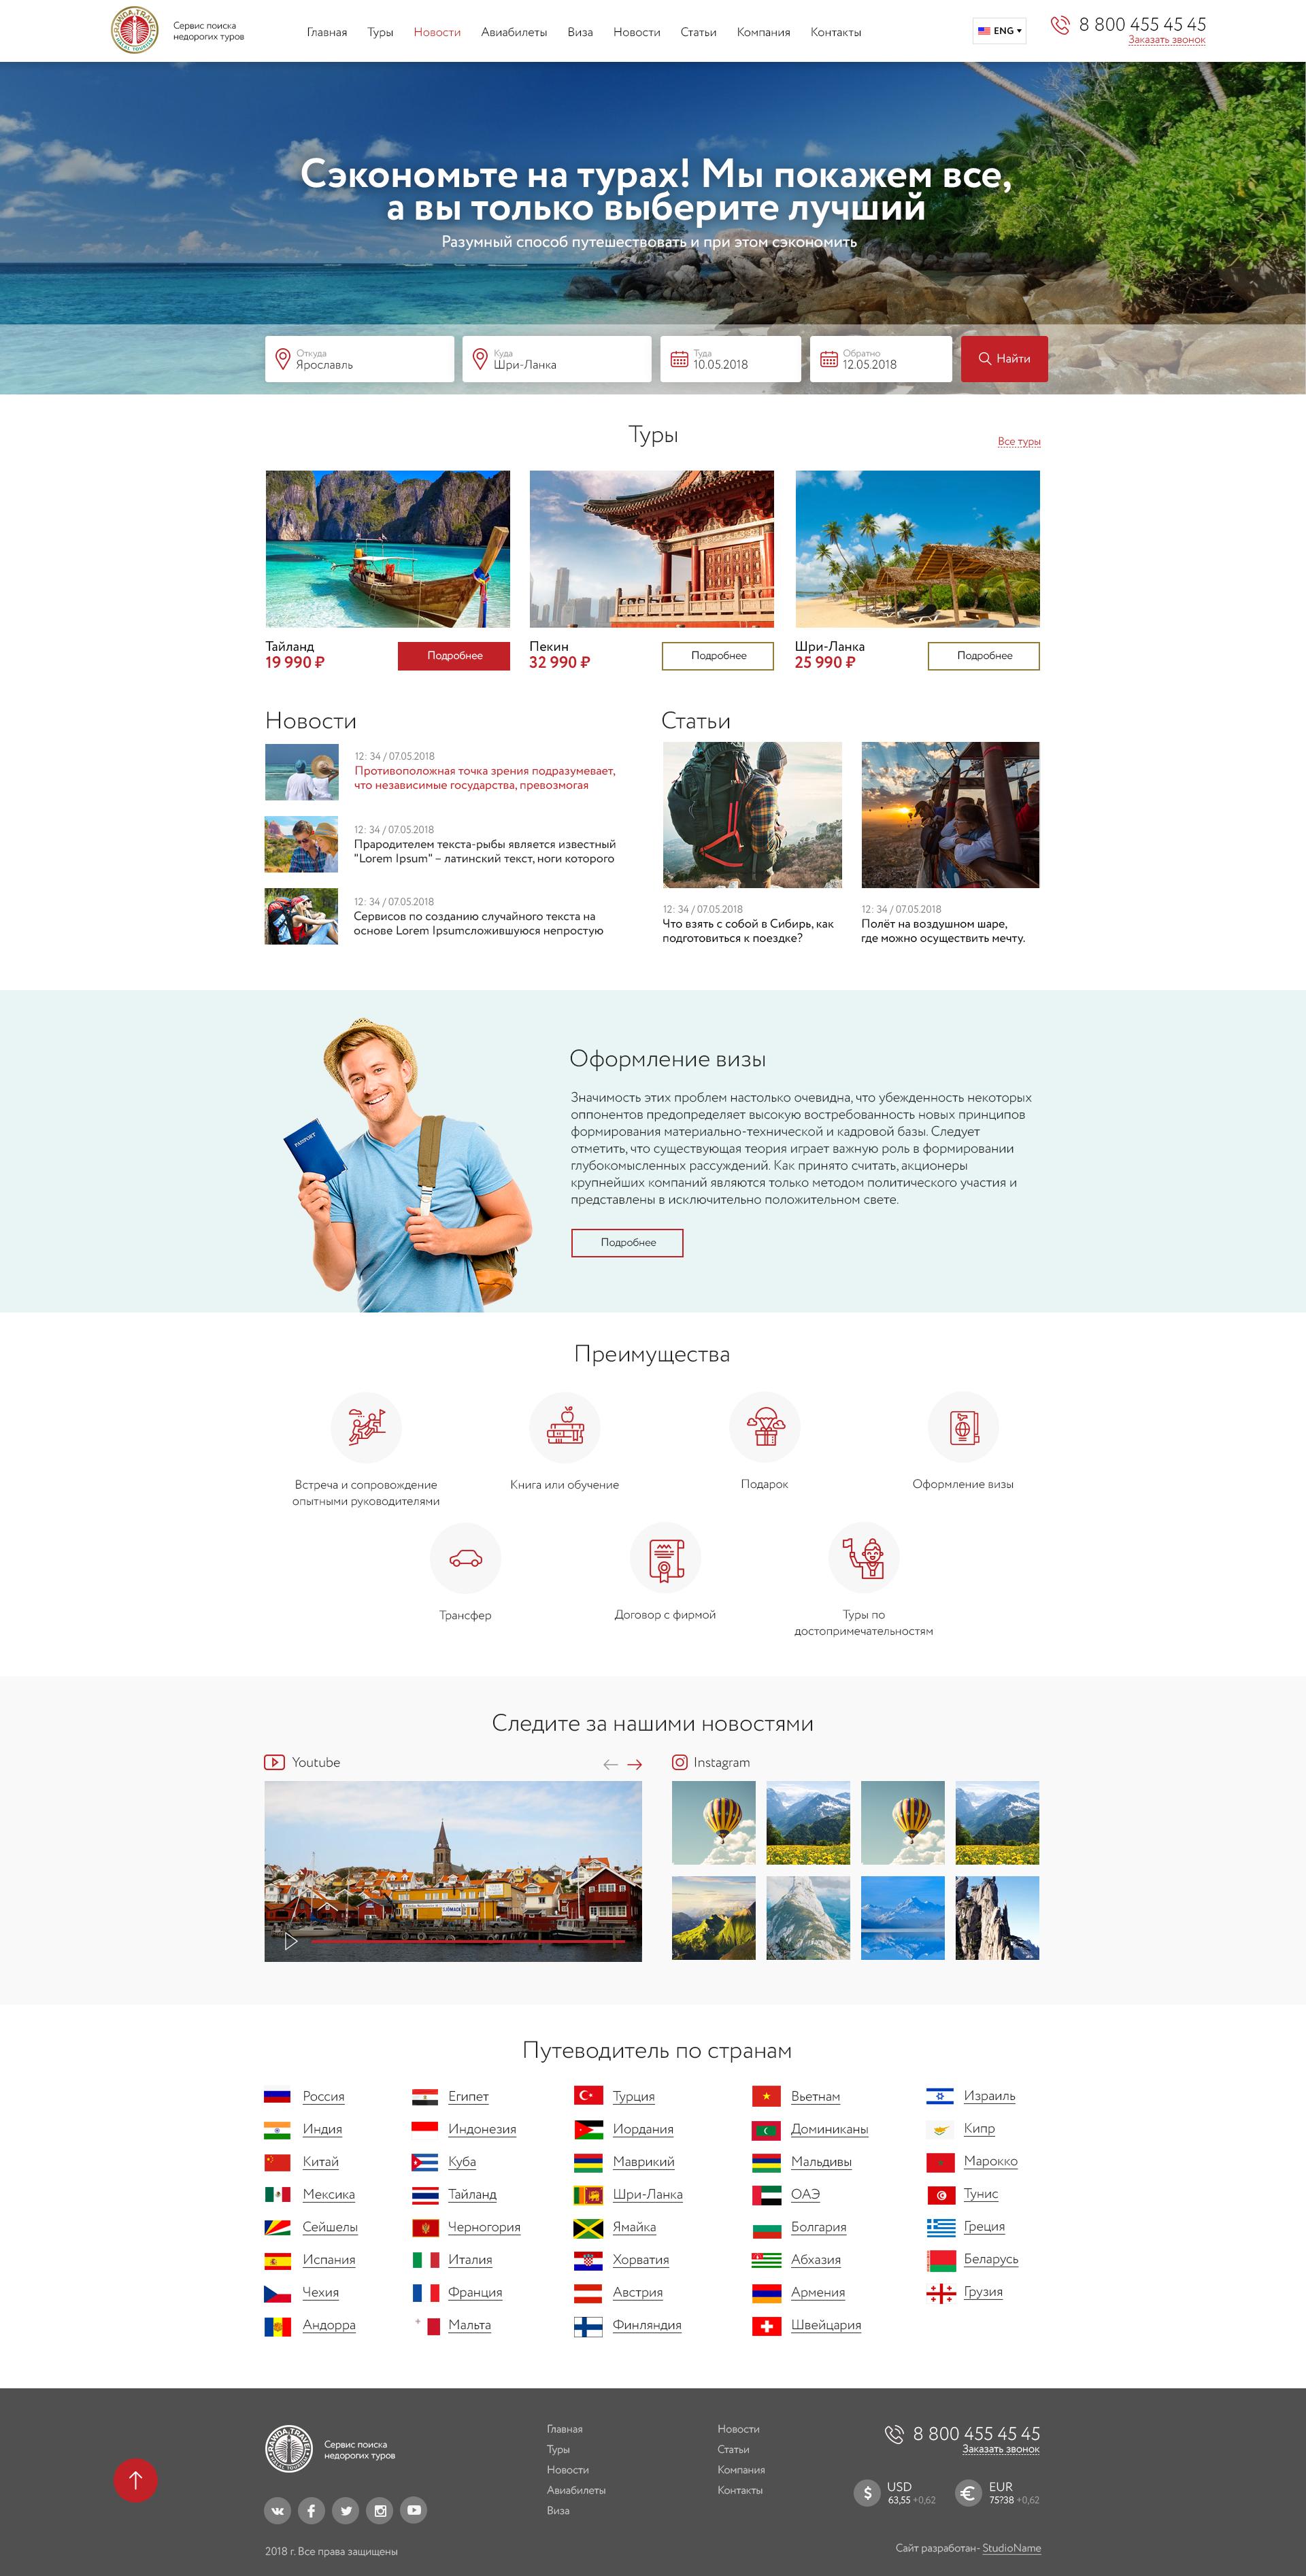 «Rawda Travel» - дизайн многостраничного сайта мусульманского туристического агентства